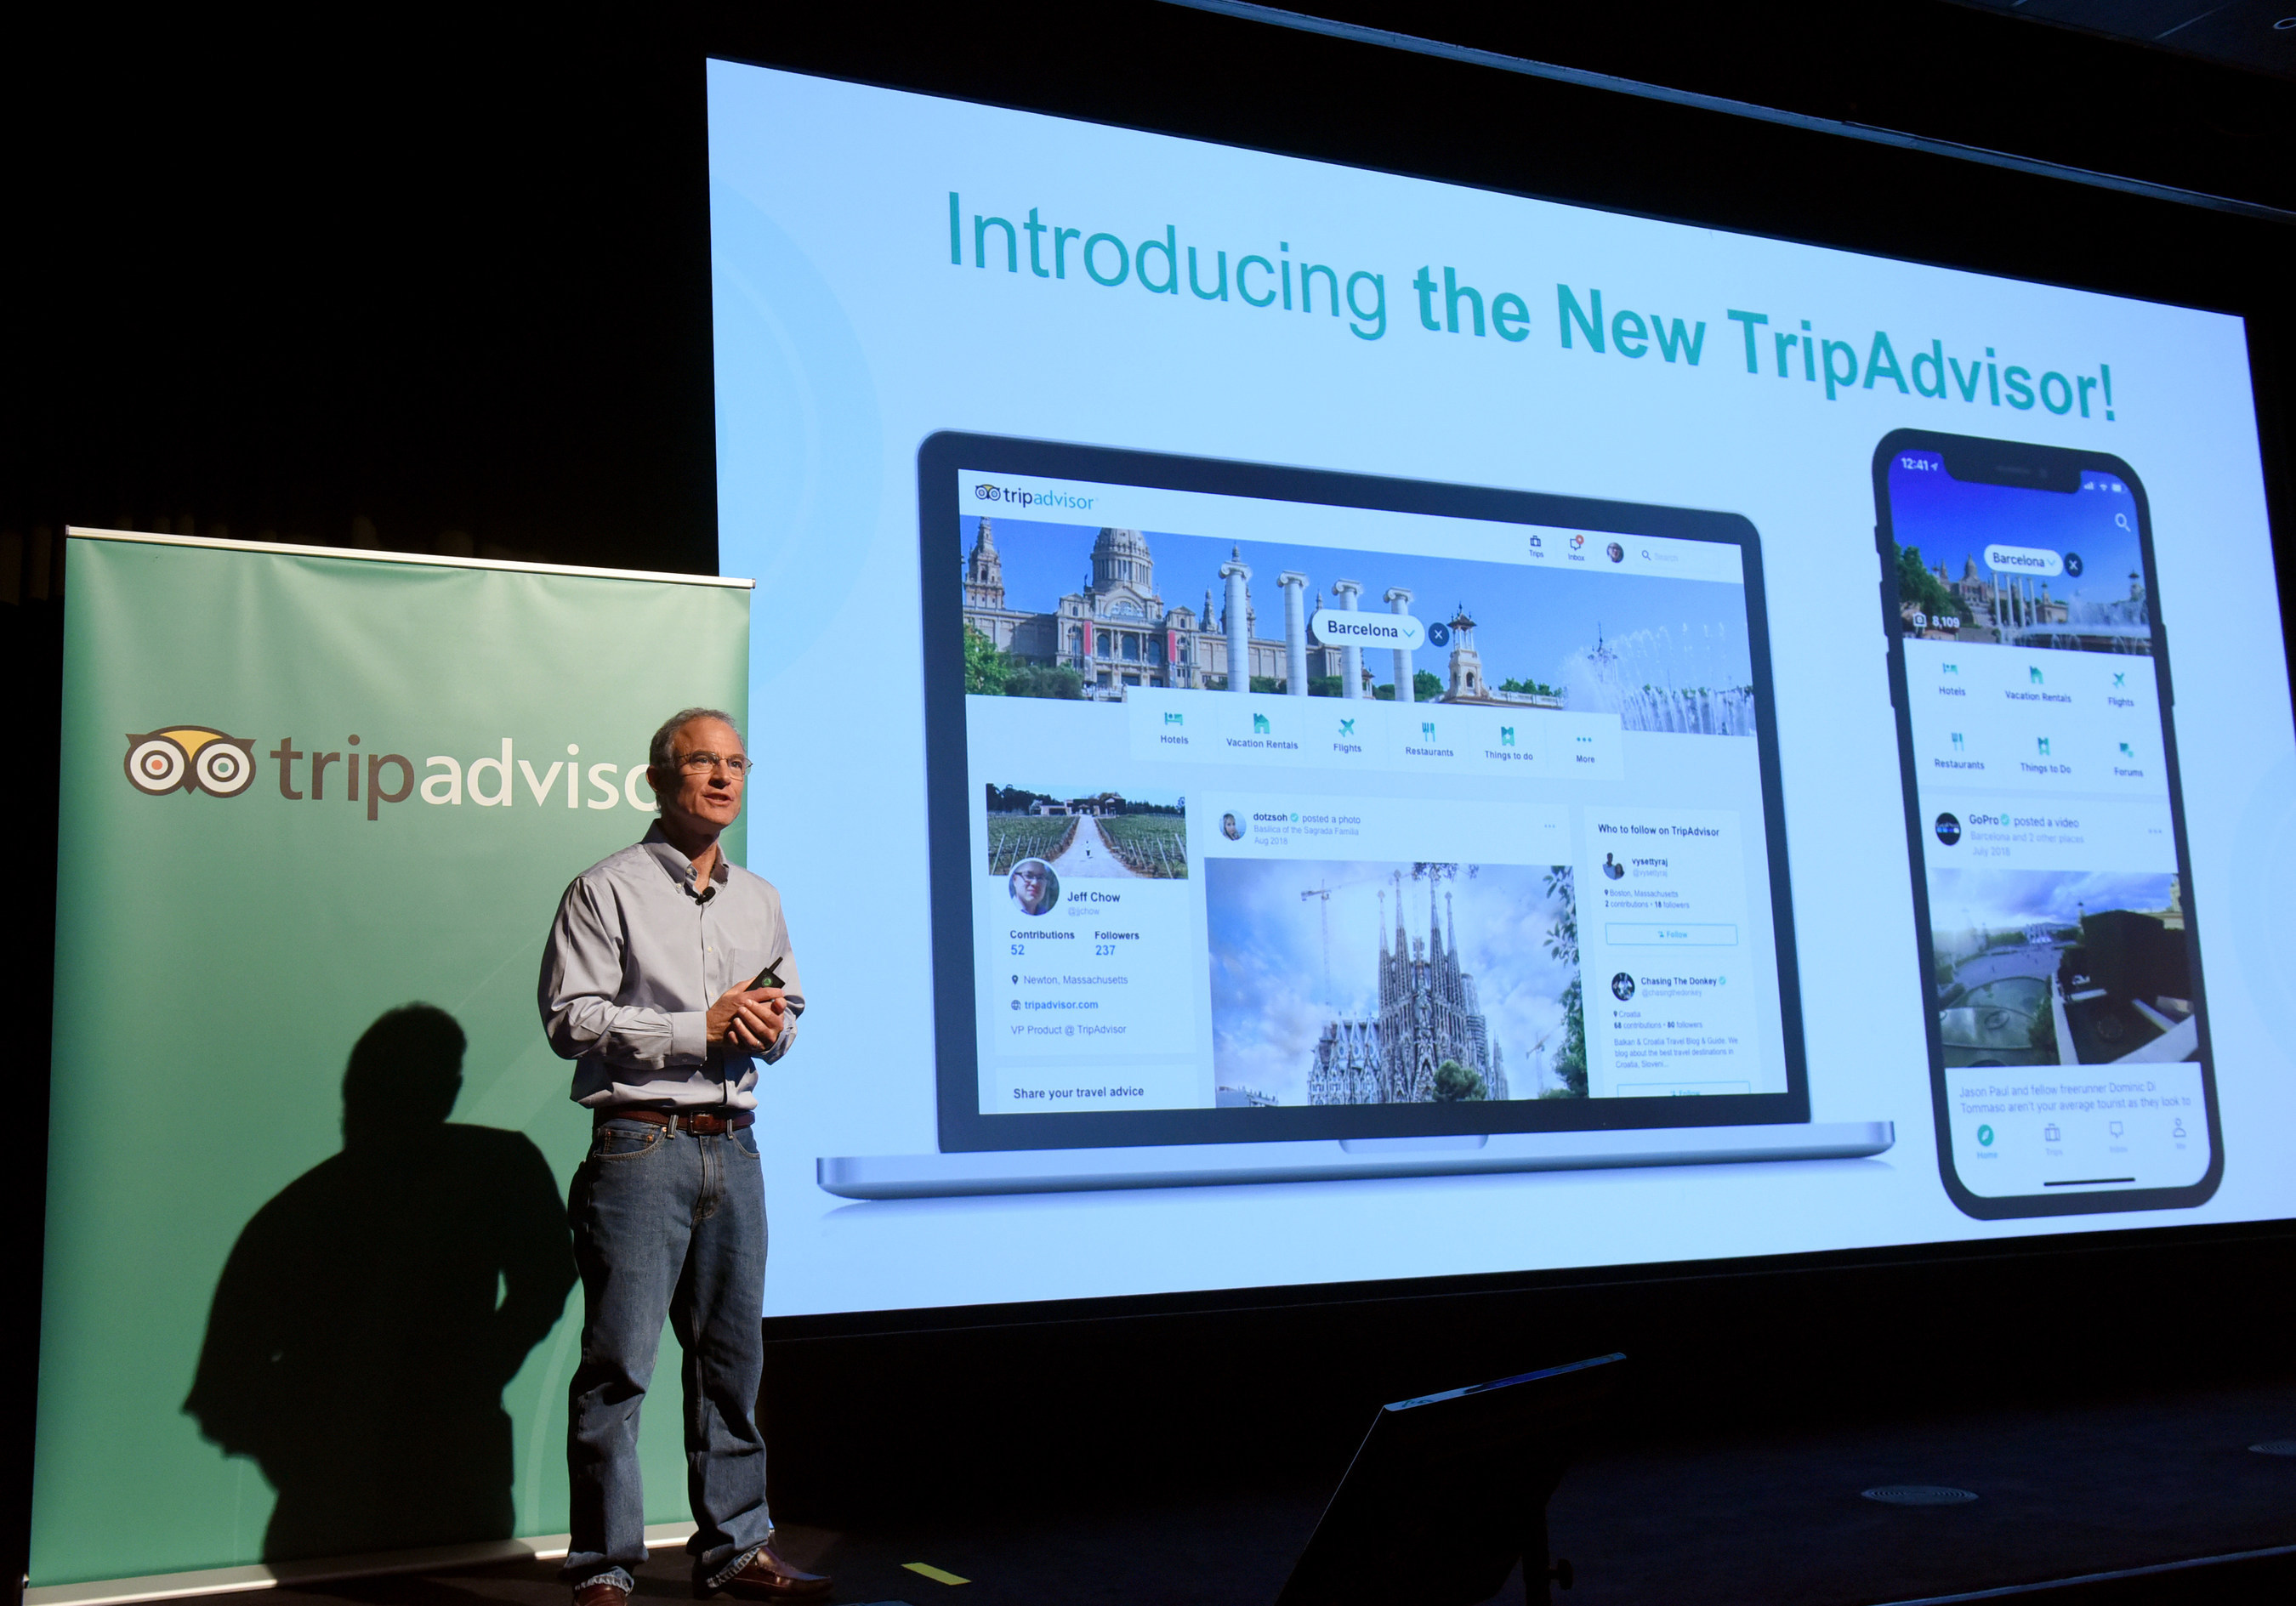 La svolta social di Tripadvisor e non solo